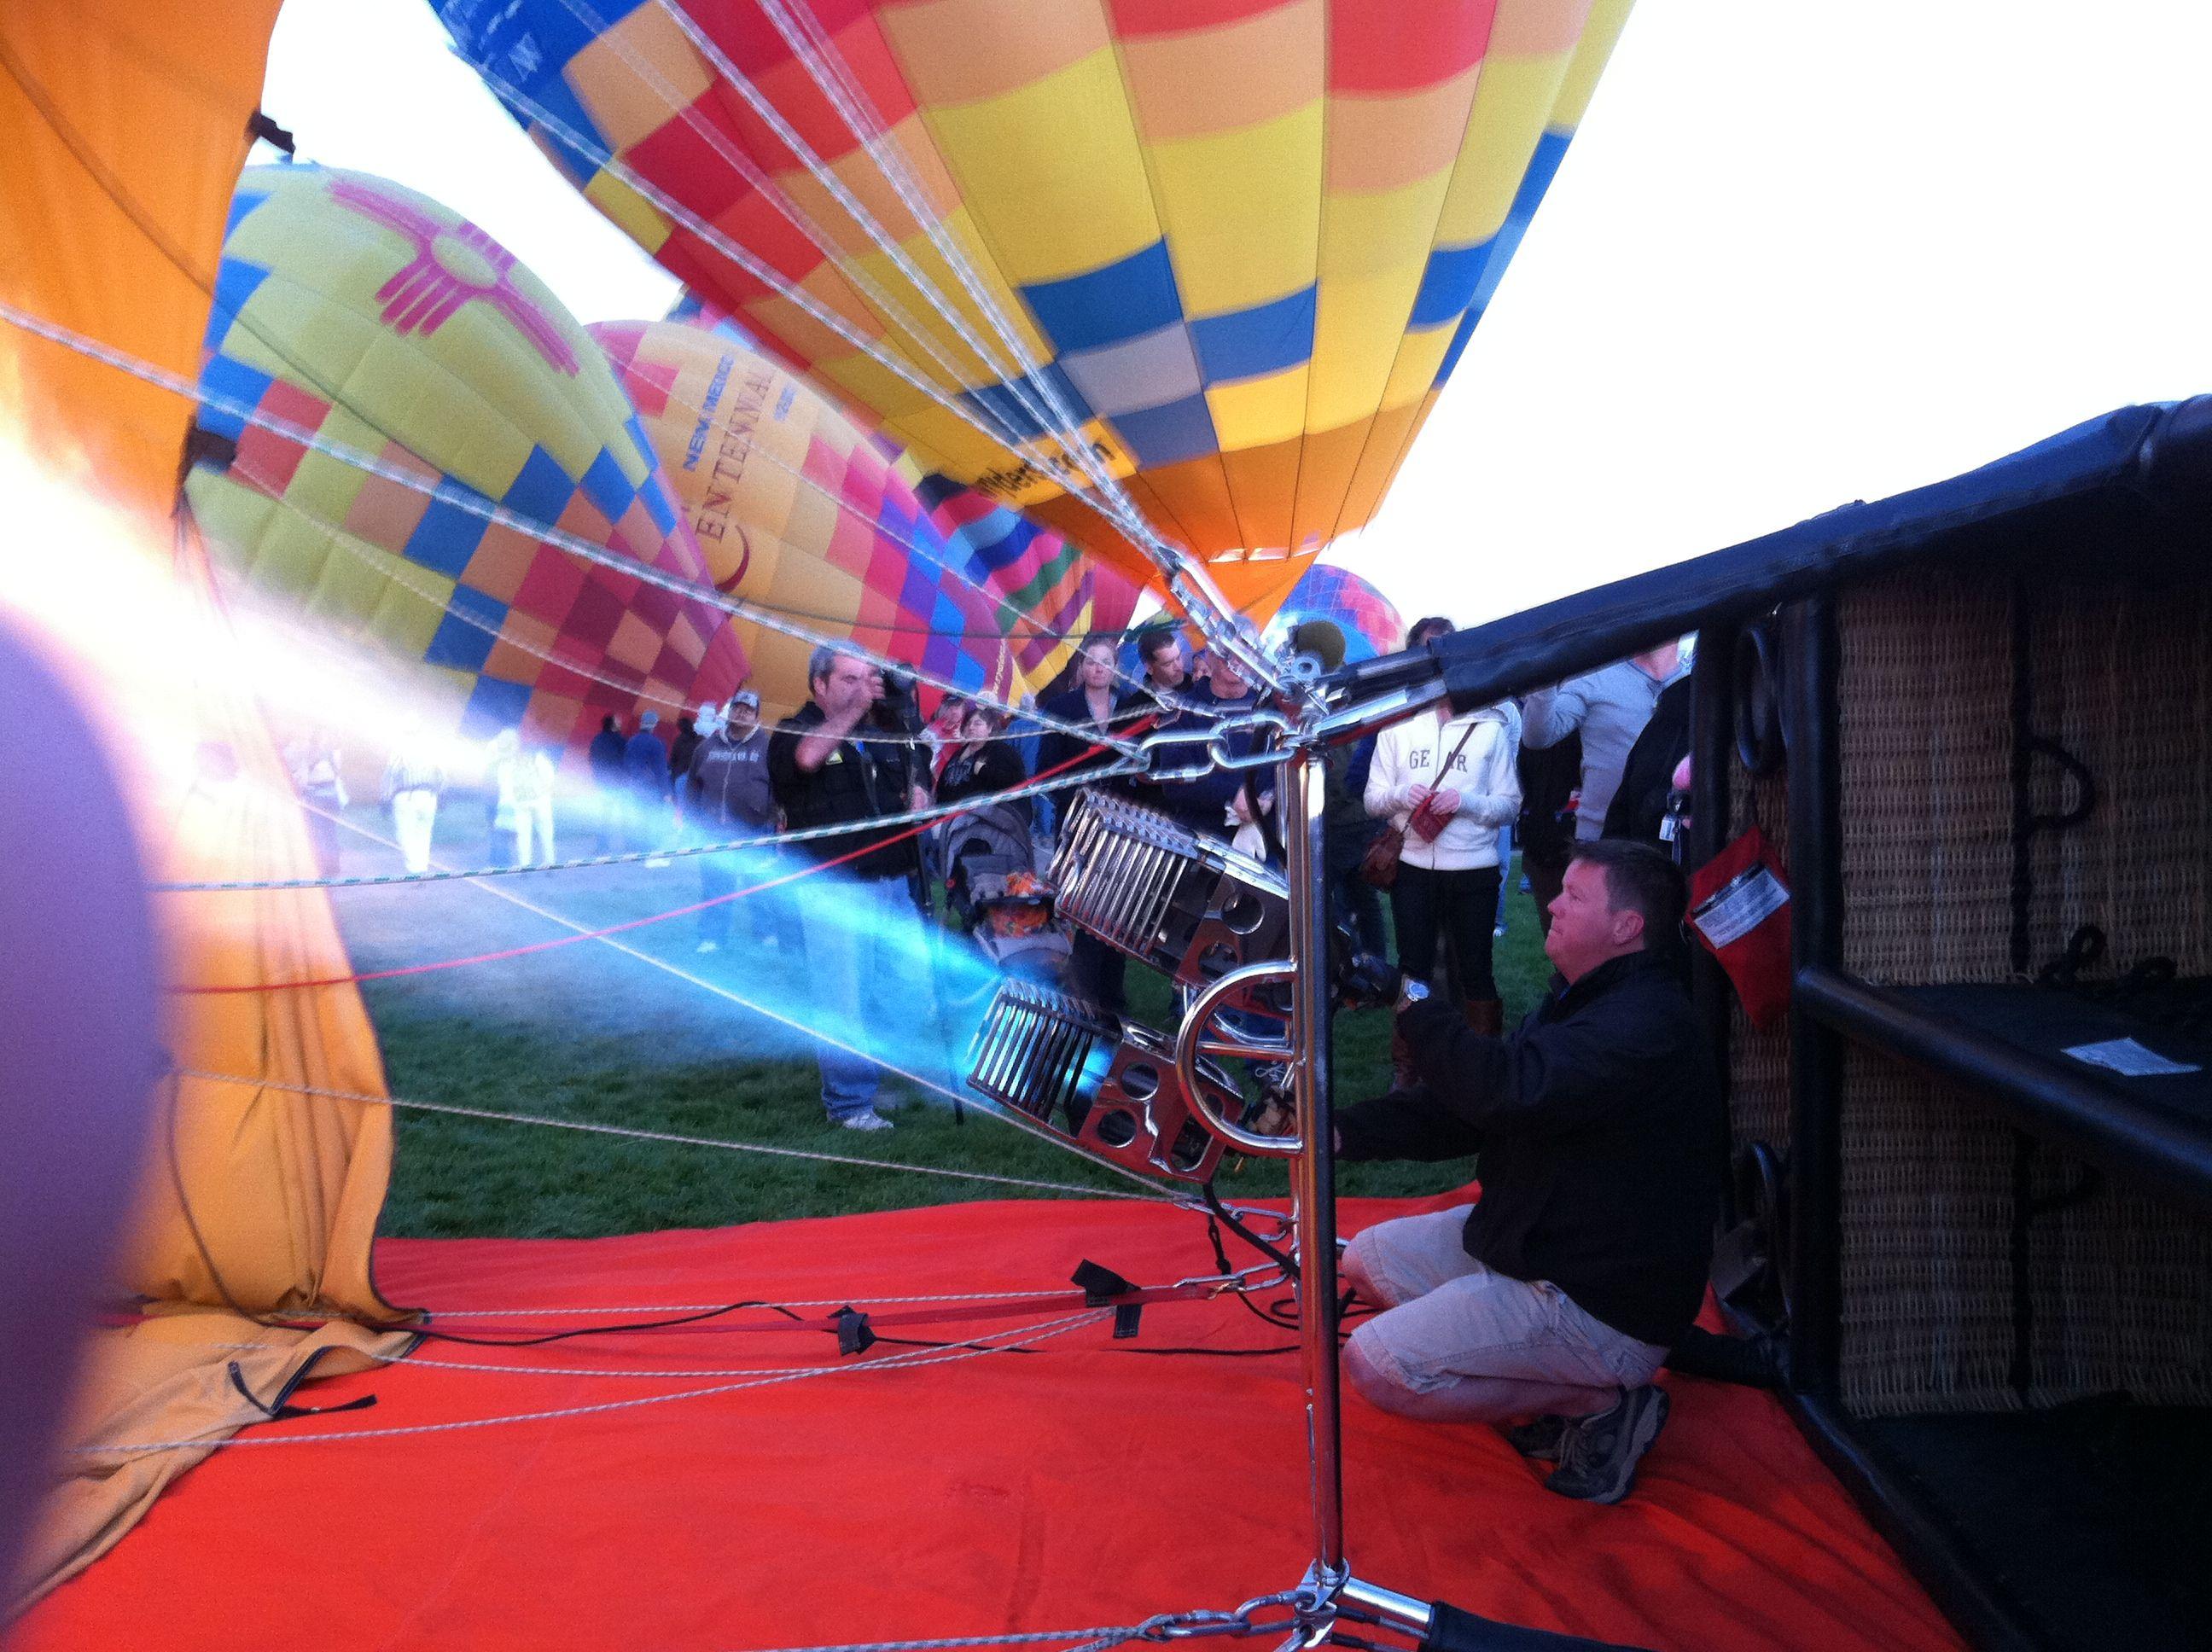 Balloon Fiesta 2011 Arizona, Grounds, Travel